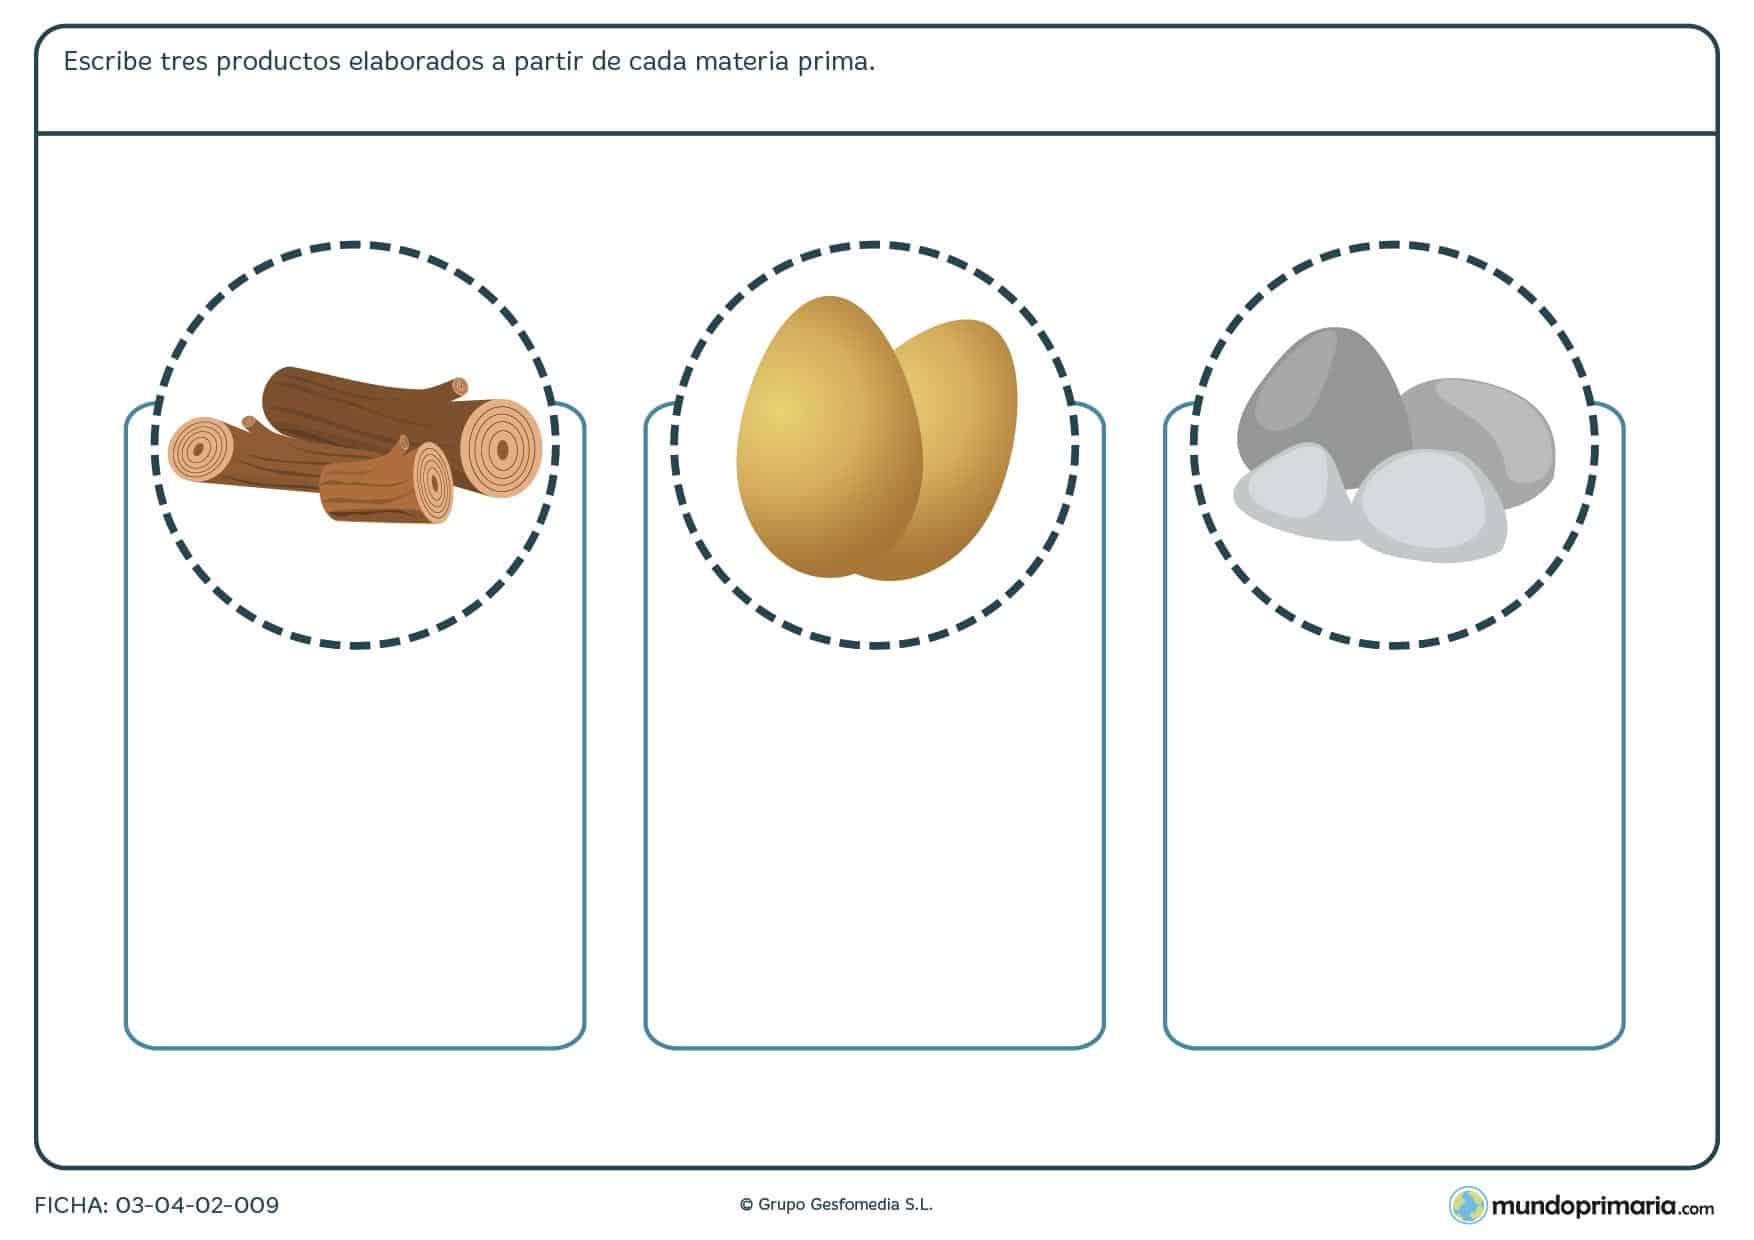 Ficha para imprimir sobre los derivados de la materia prima, ejercicio para niños de primaria en la ficha de los derivados de la materia prima